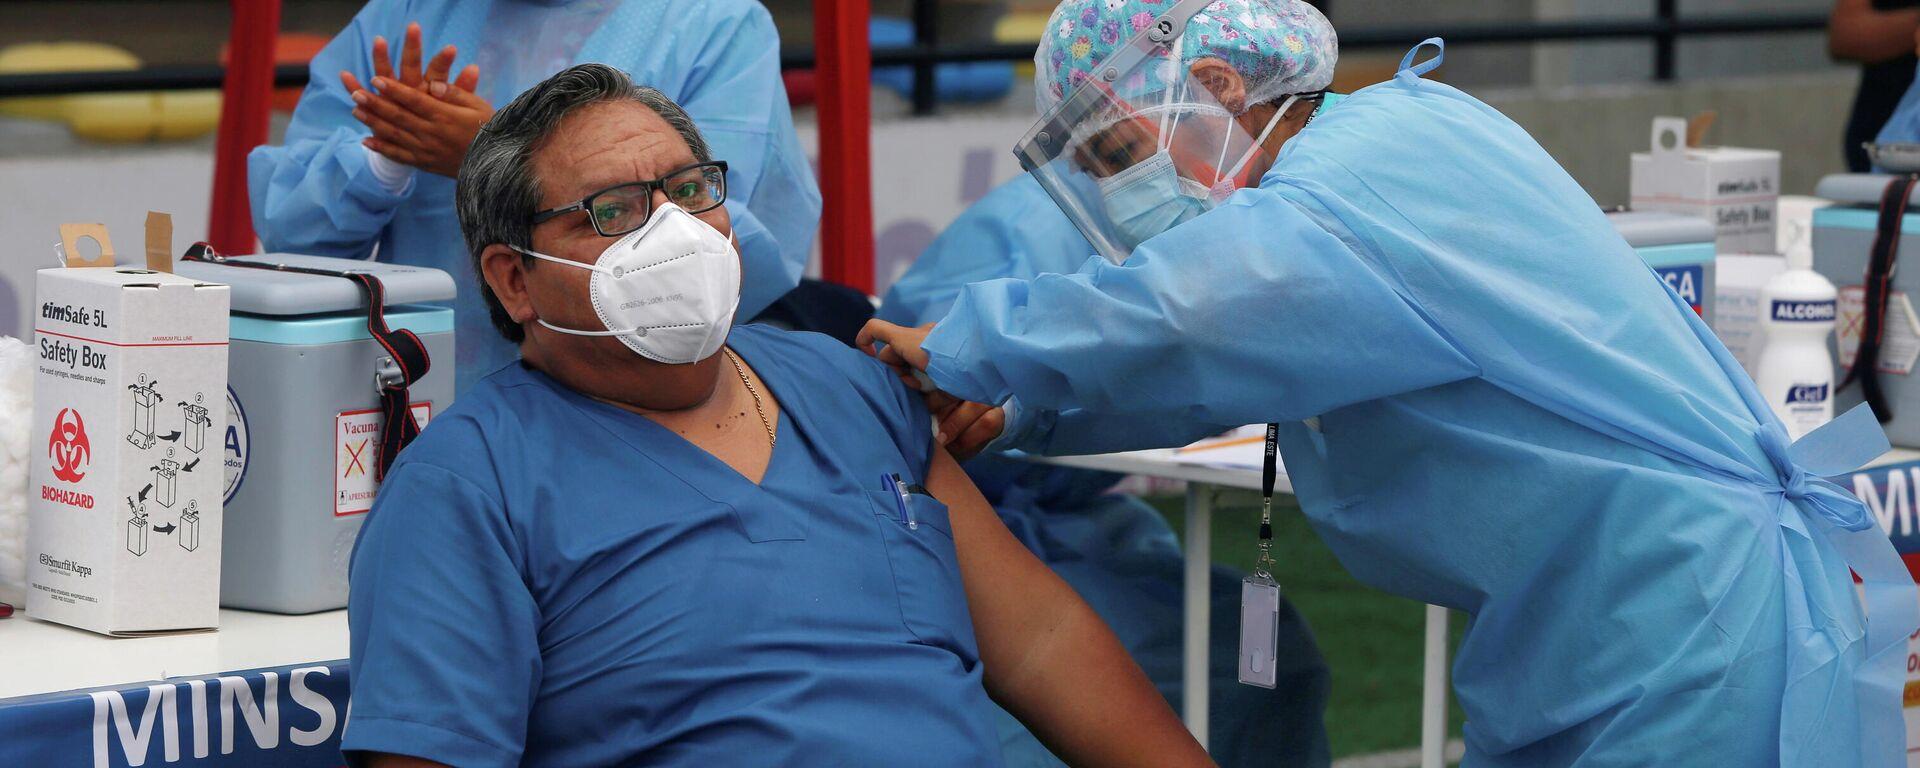 Vacunación en Lima, Perú - Sputnik Mundo, 1920, 21.05.2021